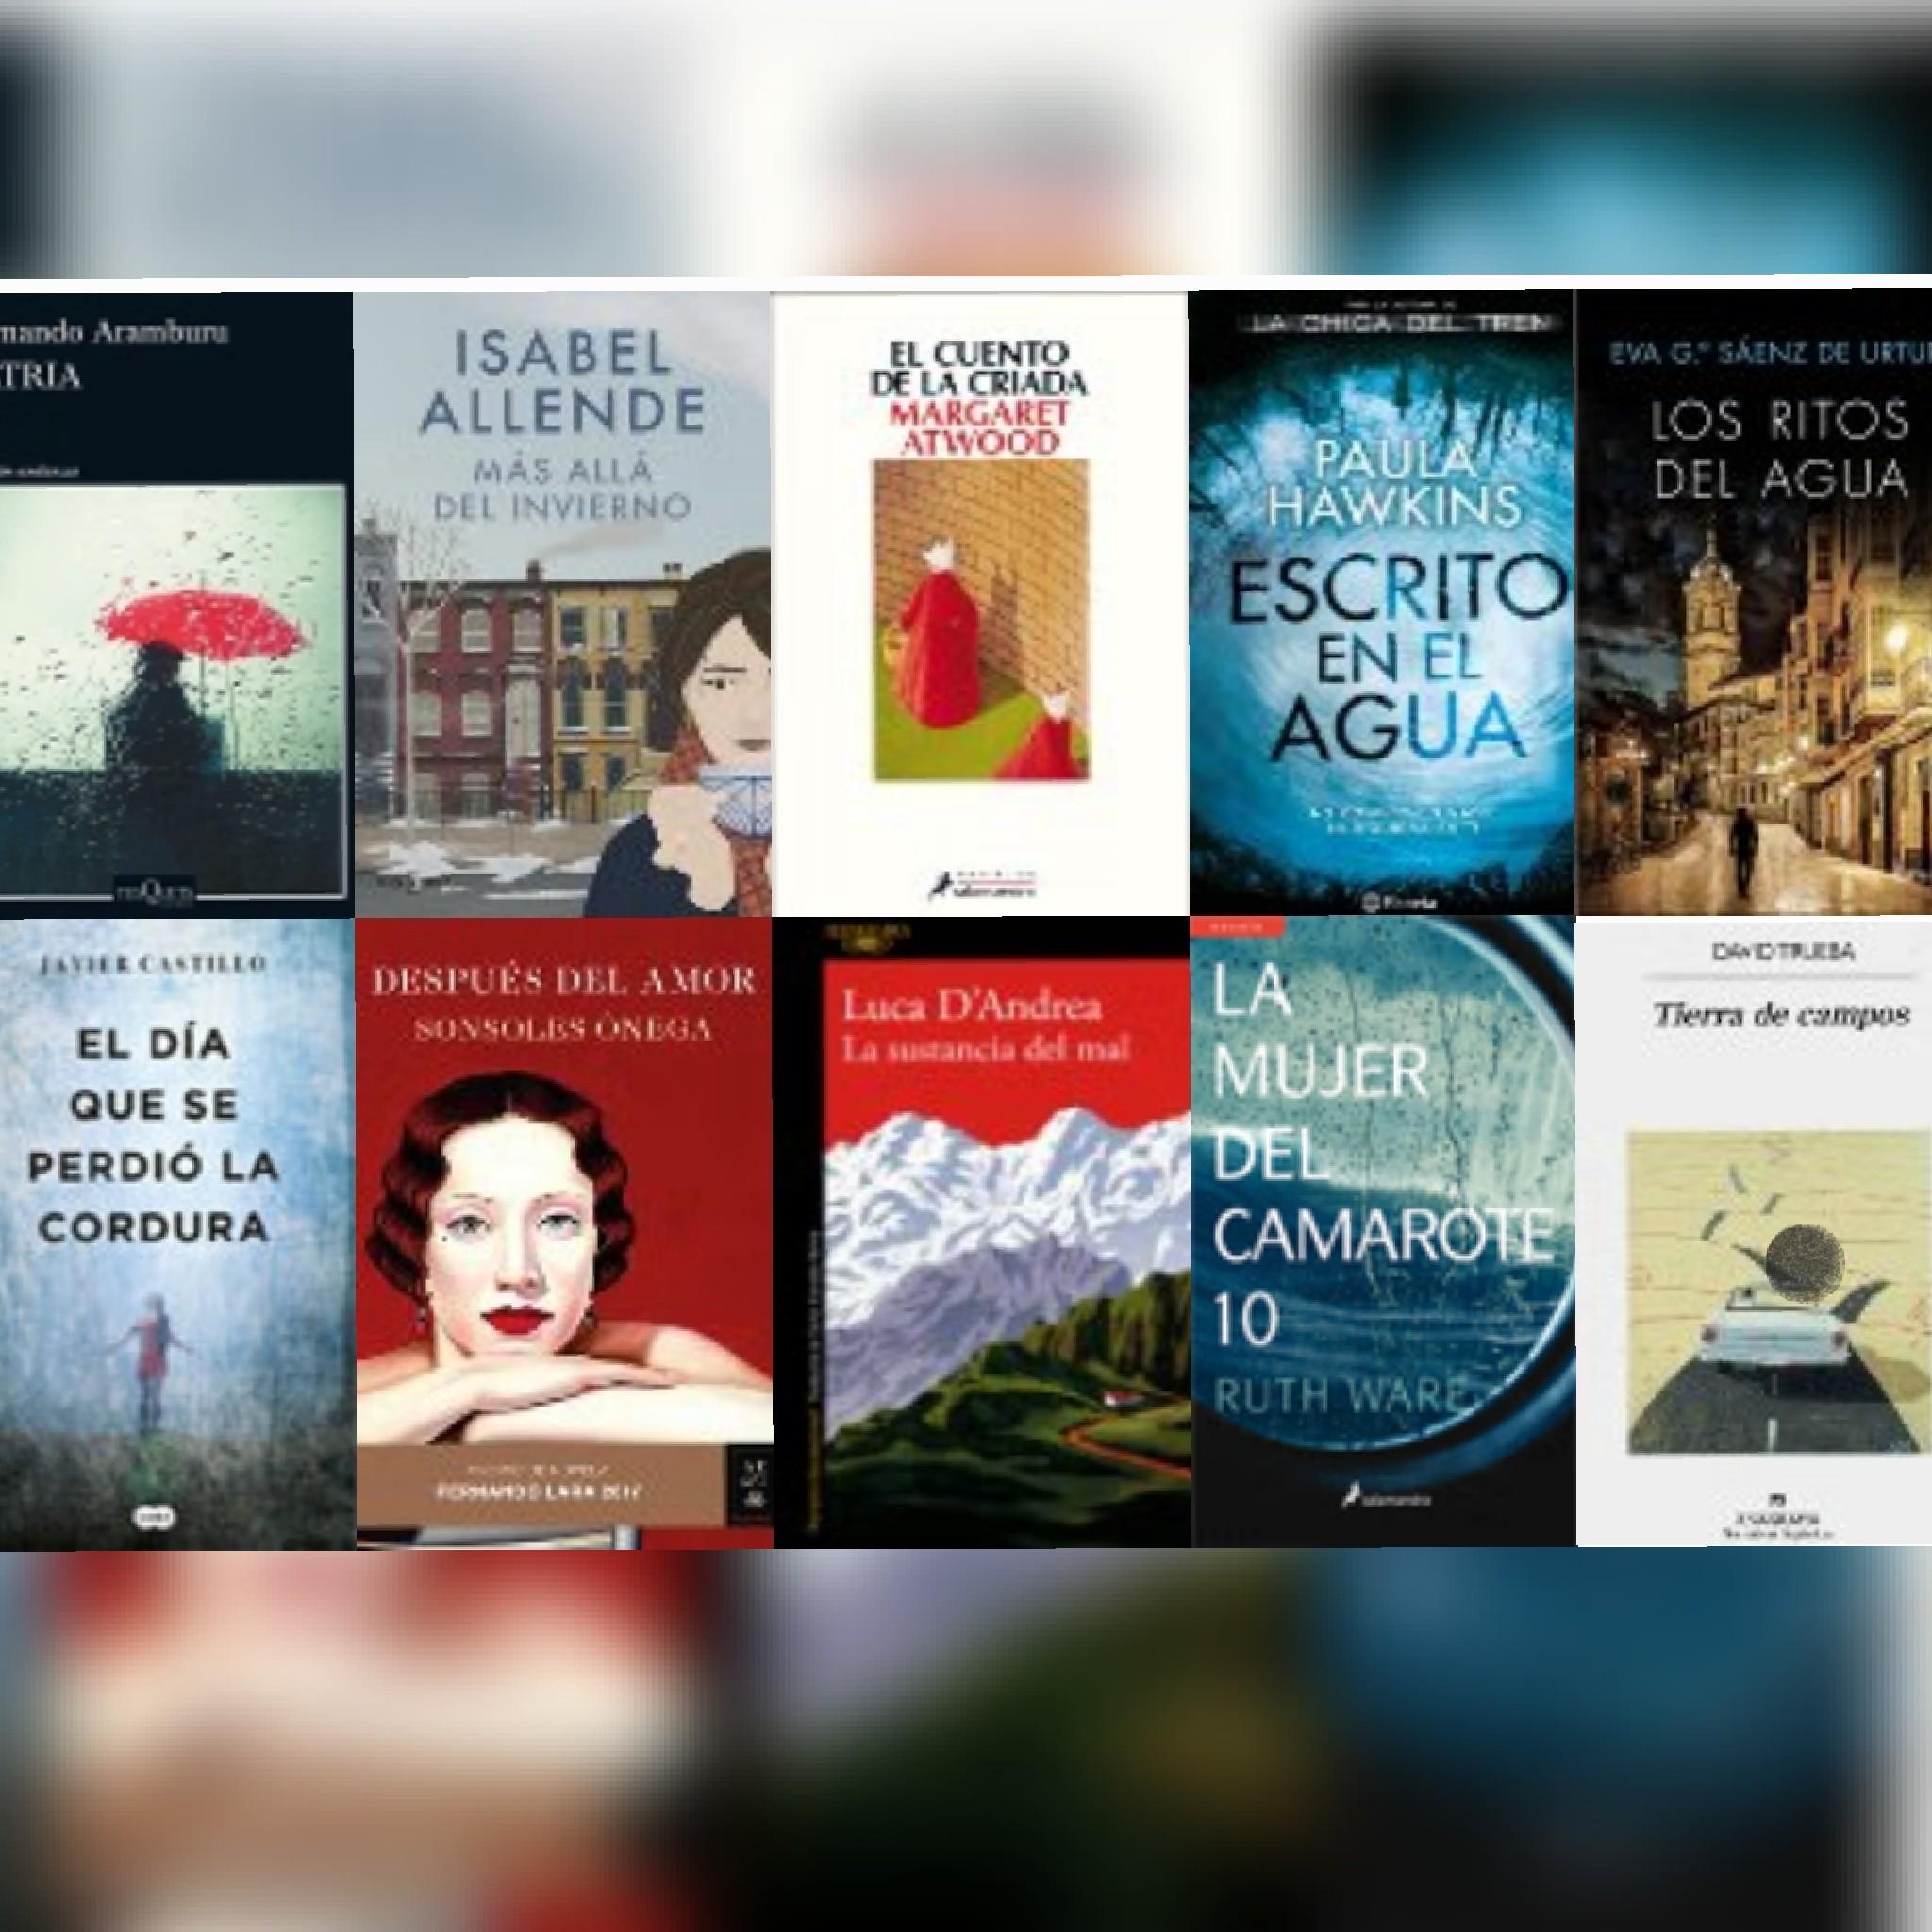 Lista libros ficción más vendidos del 4 al 10 de septiembre revista El Cultural